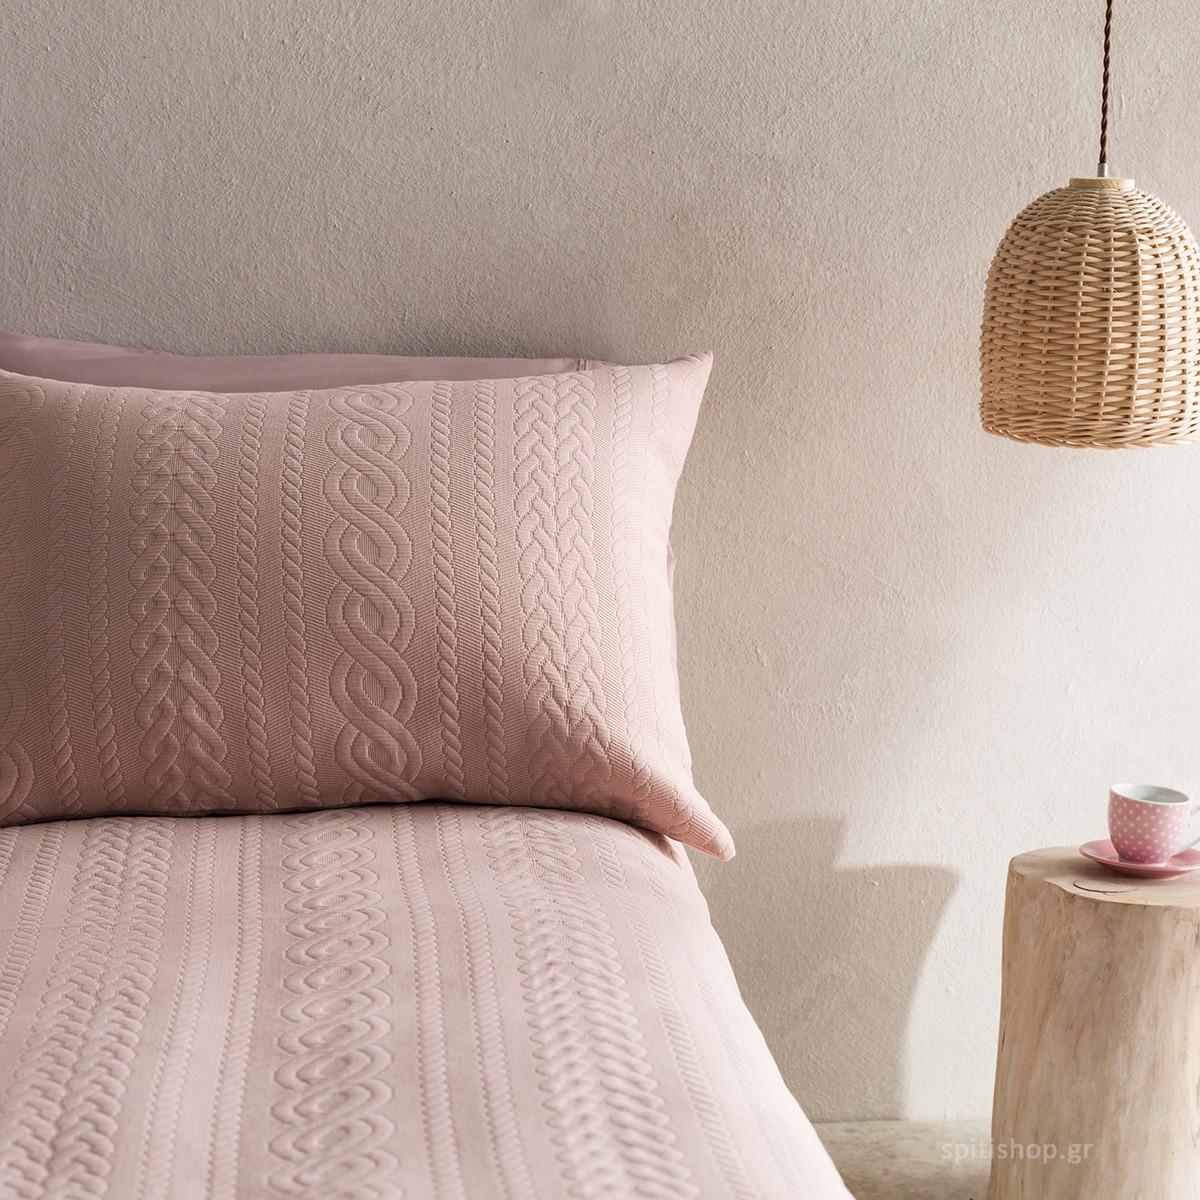 Μαξιλαροθήκη Ύπνου Gofis Home Meche Pink 989/17